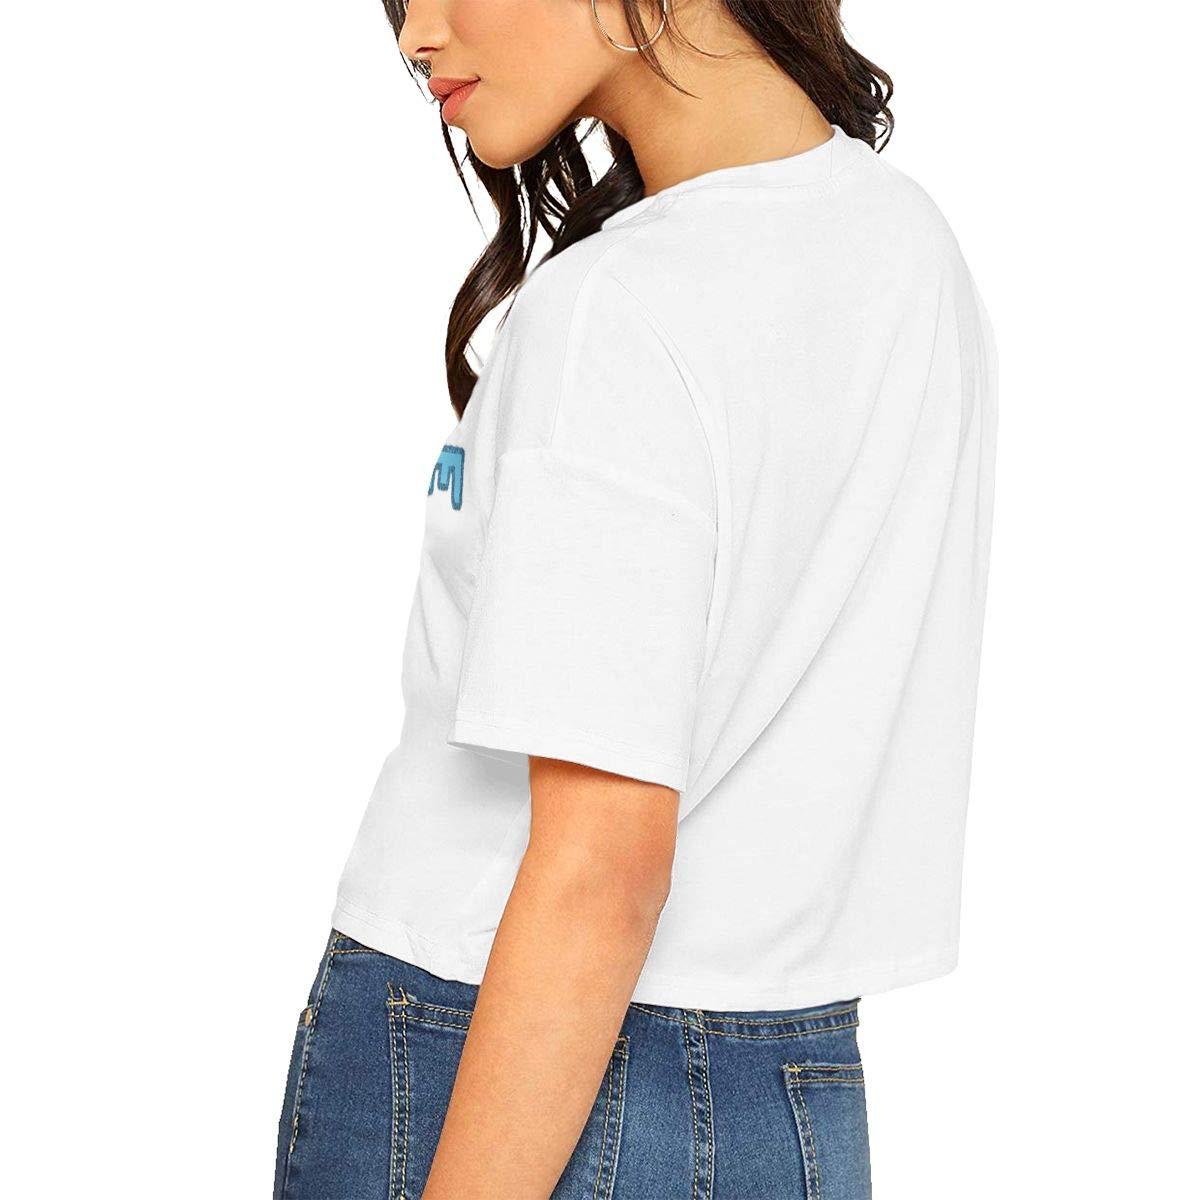 VANMASS World Peace Sign Womens Short Sleeve Crop Tops T-Shirt